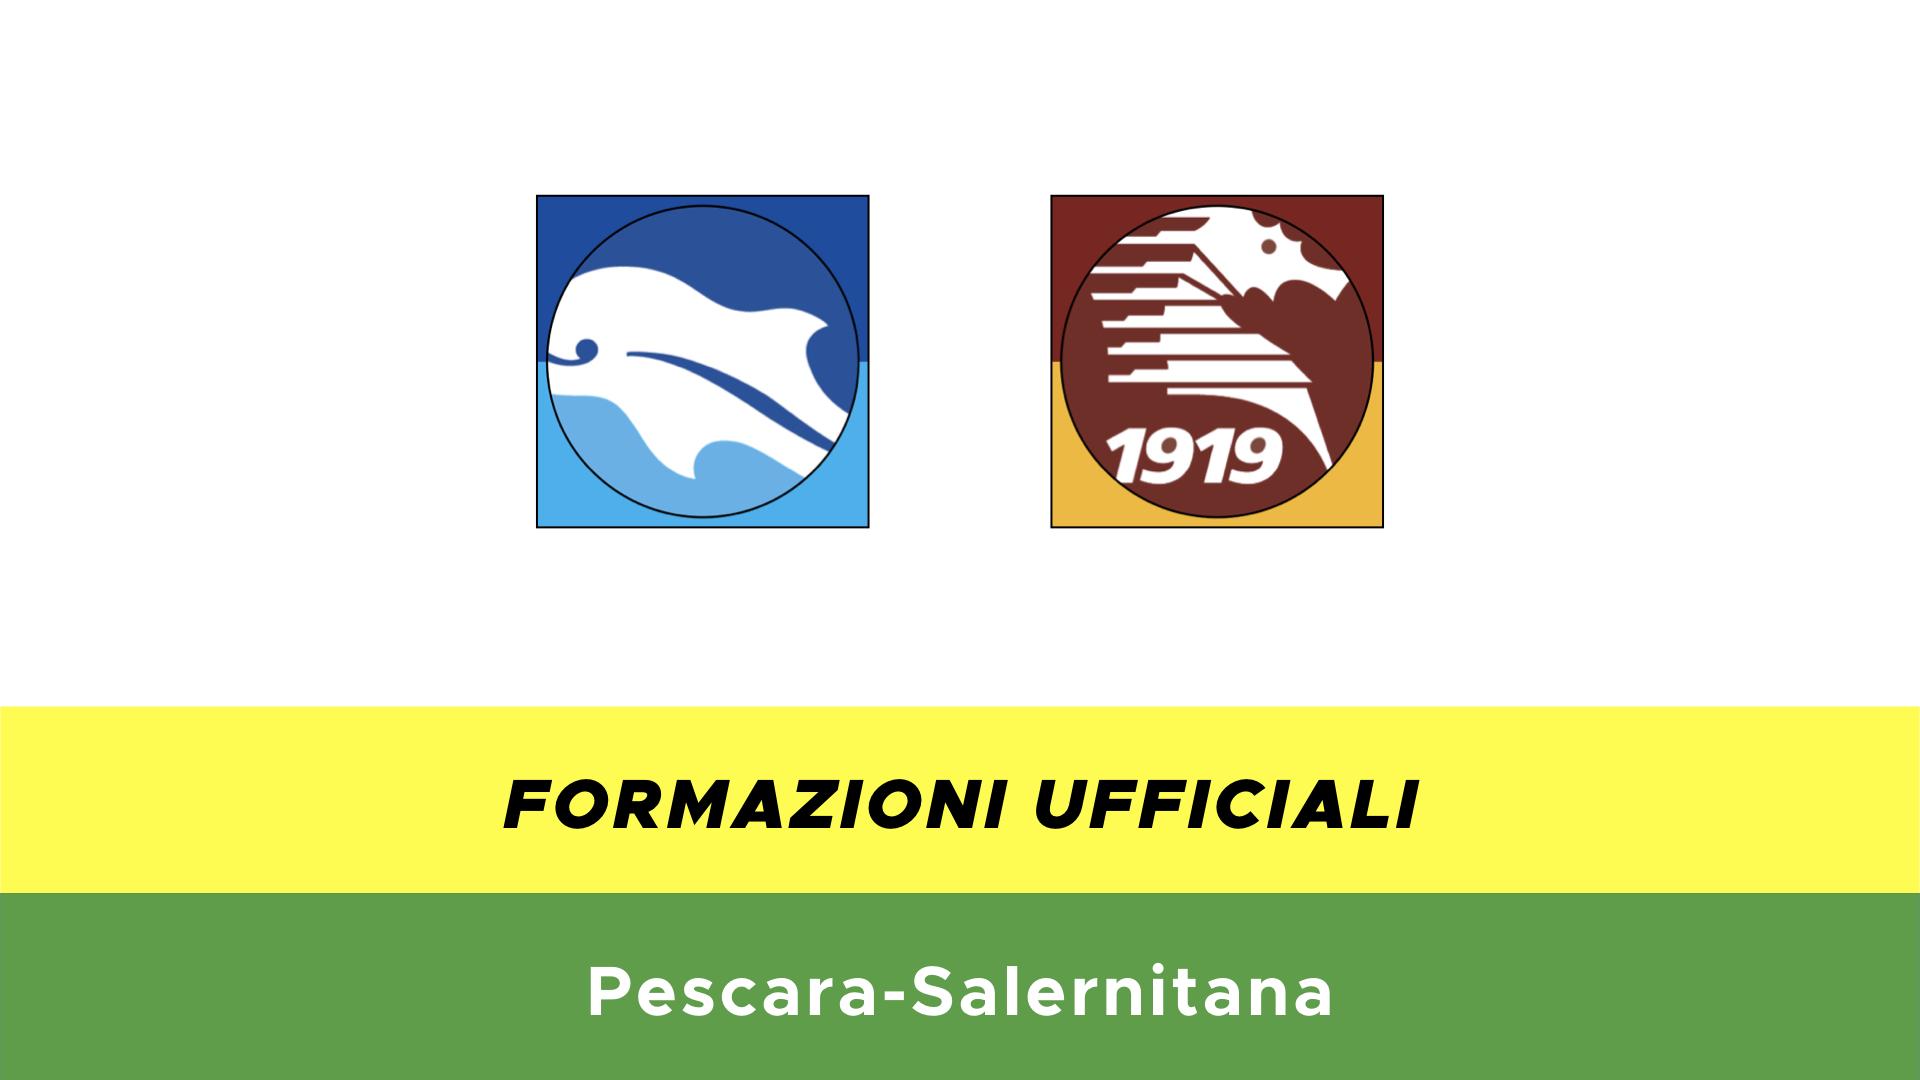 Pescara-Salernitana: formazioni ufficiali e dove vederla ...